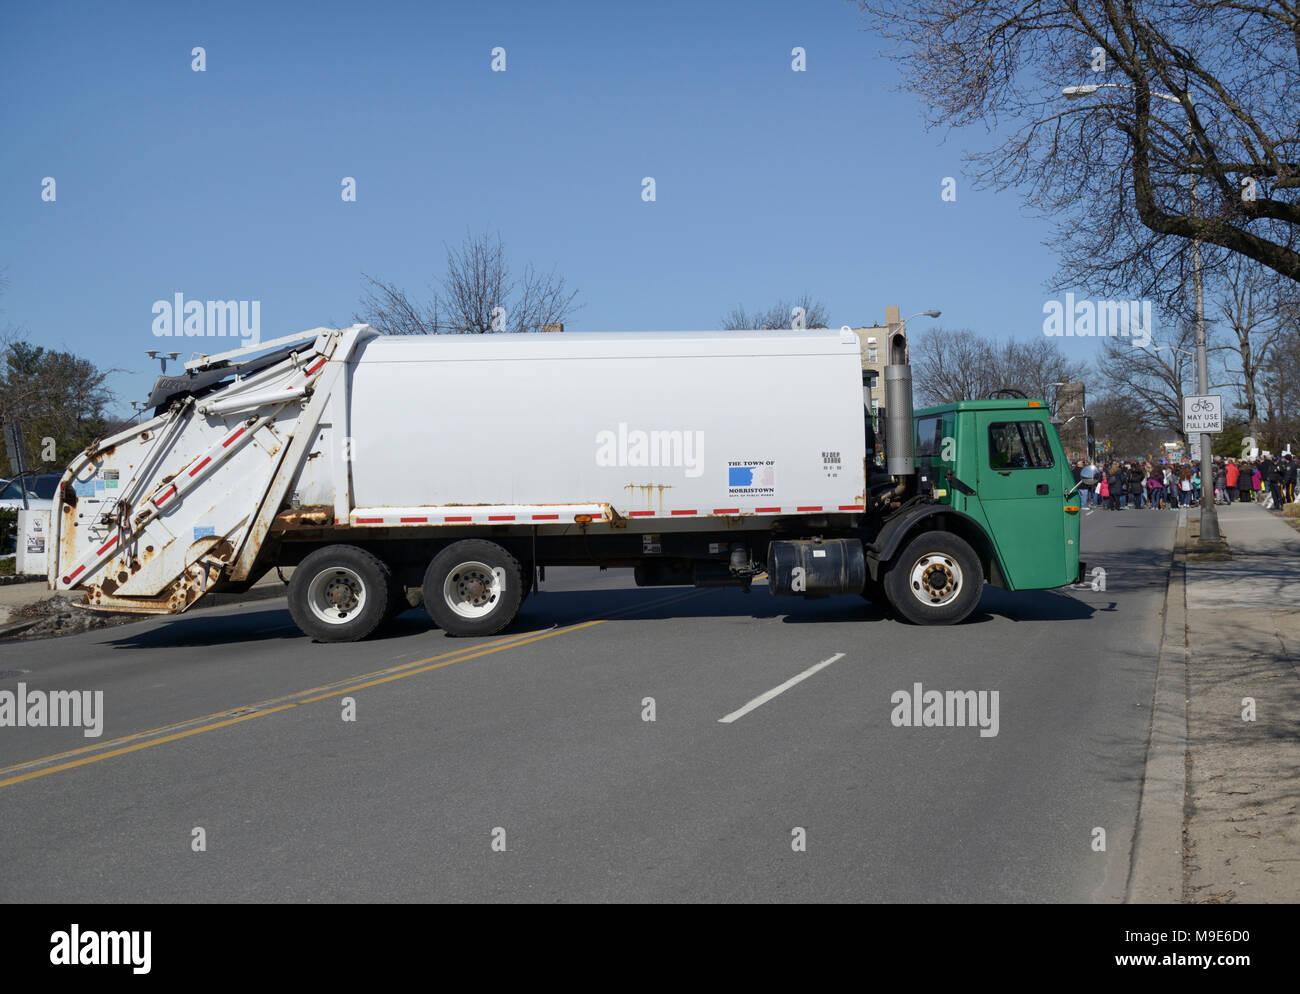 Camion à ordures utilisé pour bloquer la zone pour empêcher l'attaque terroriste en véhicule lors d'un march, NJ Photo Stock